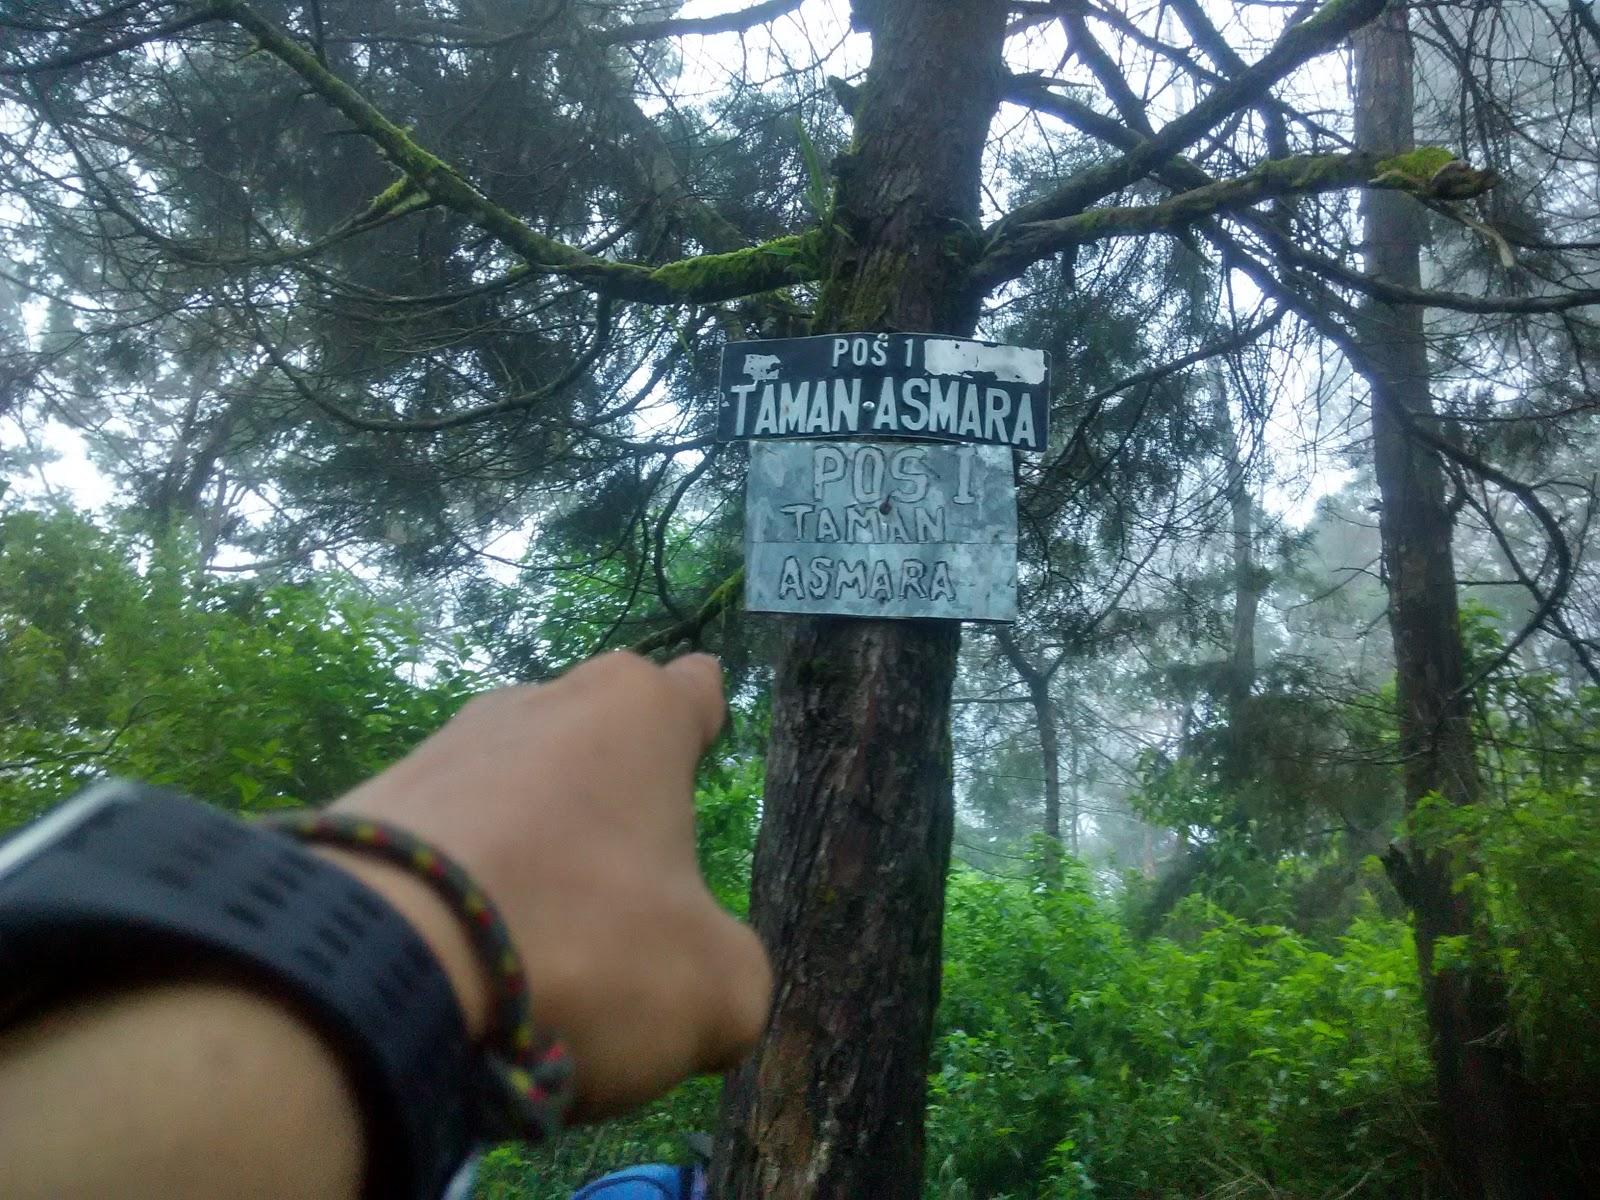 Taman asmara bowongso